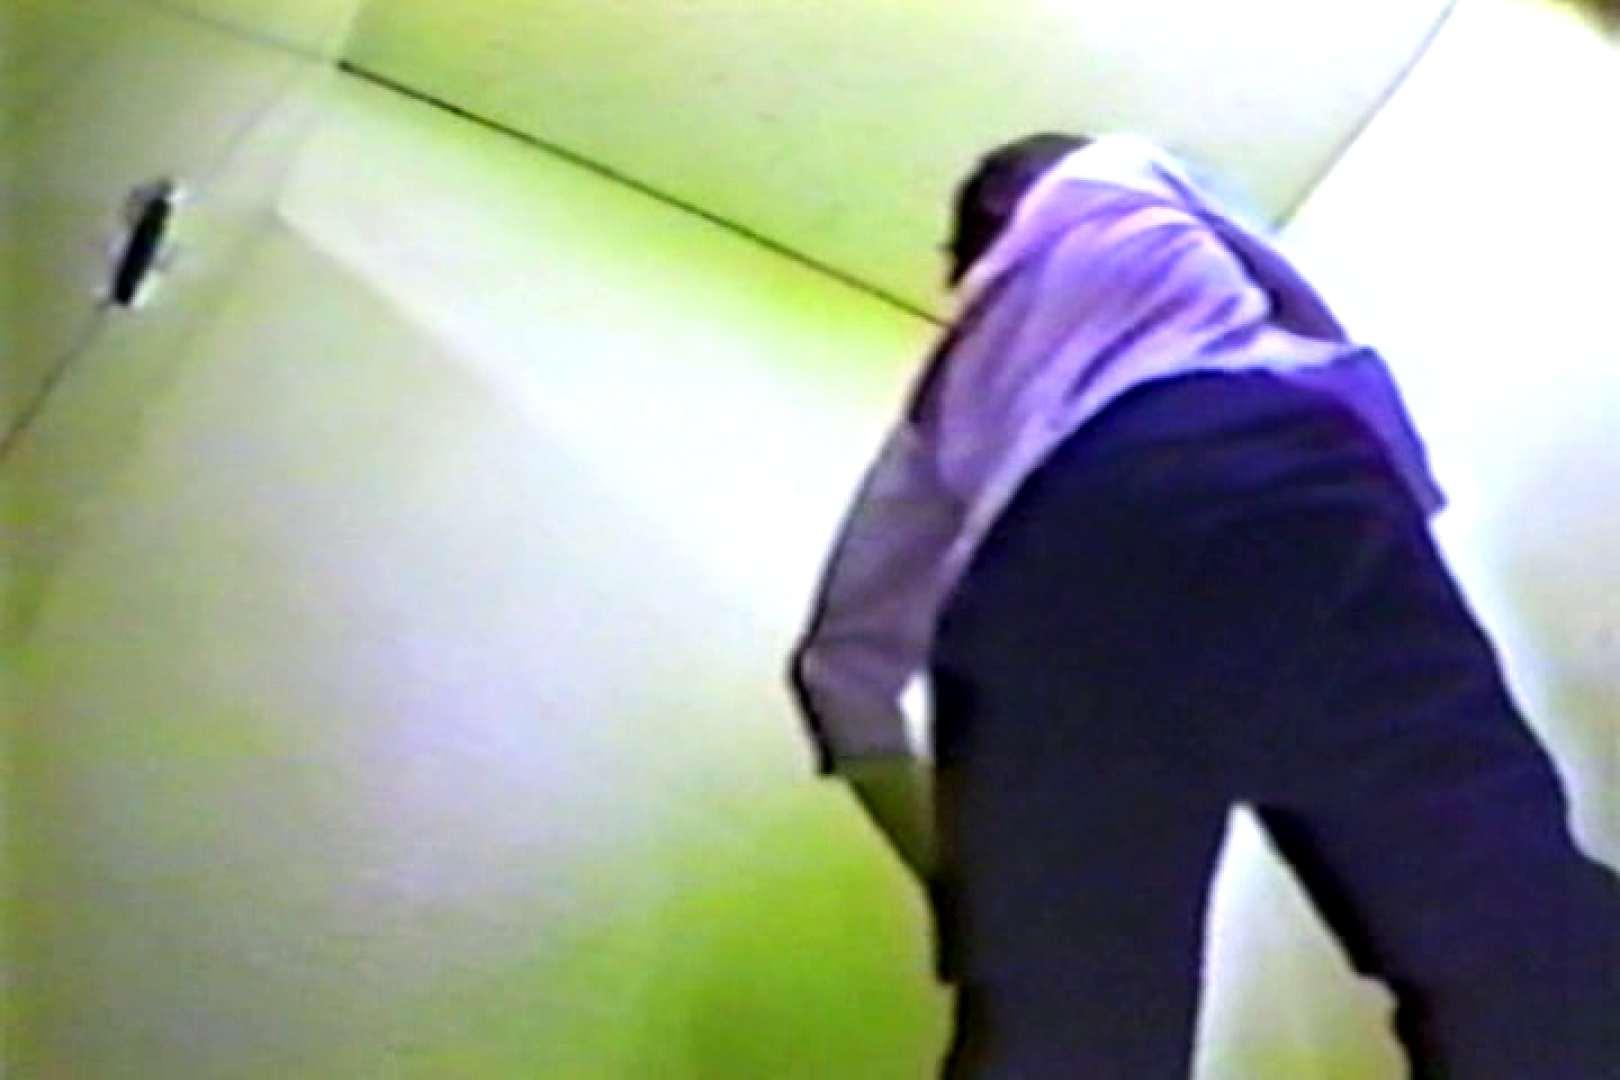 個室狂いのマニア映像Vol.1 いやらしいOL  78連発 64